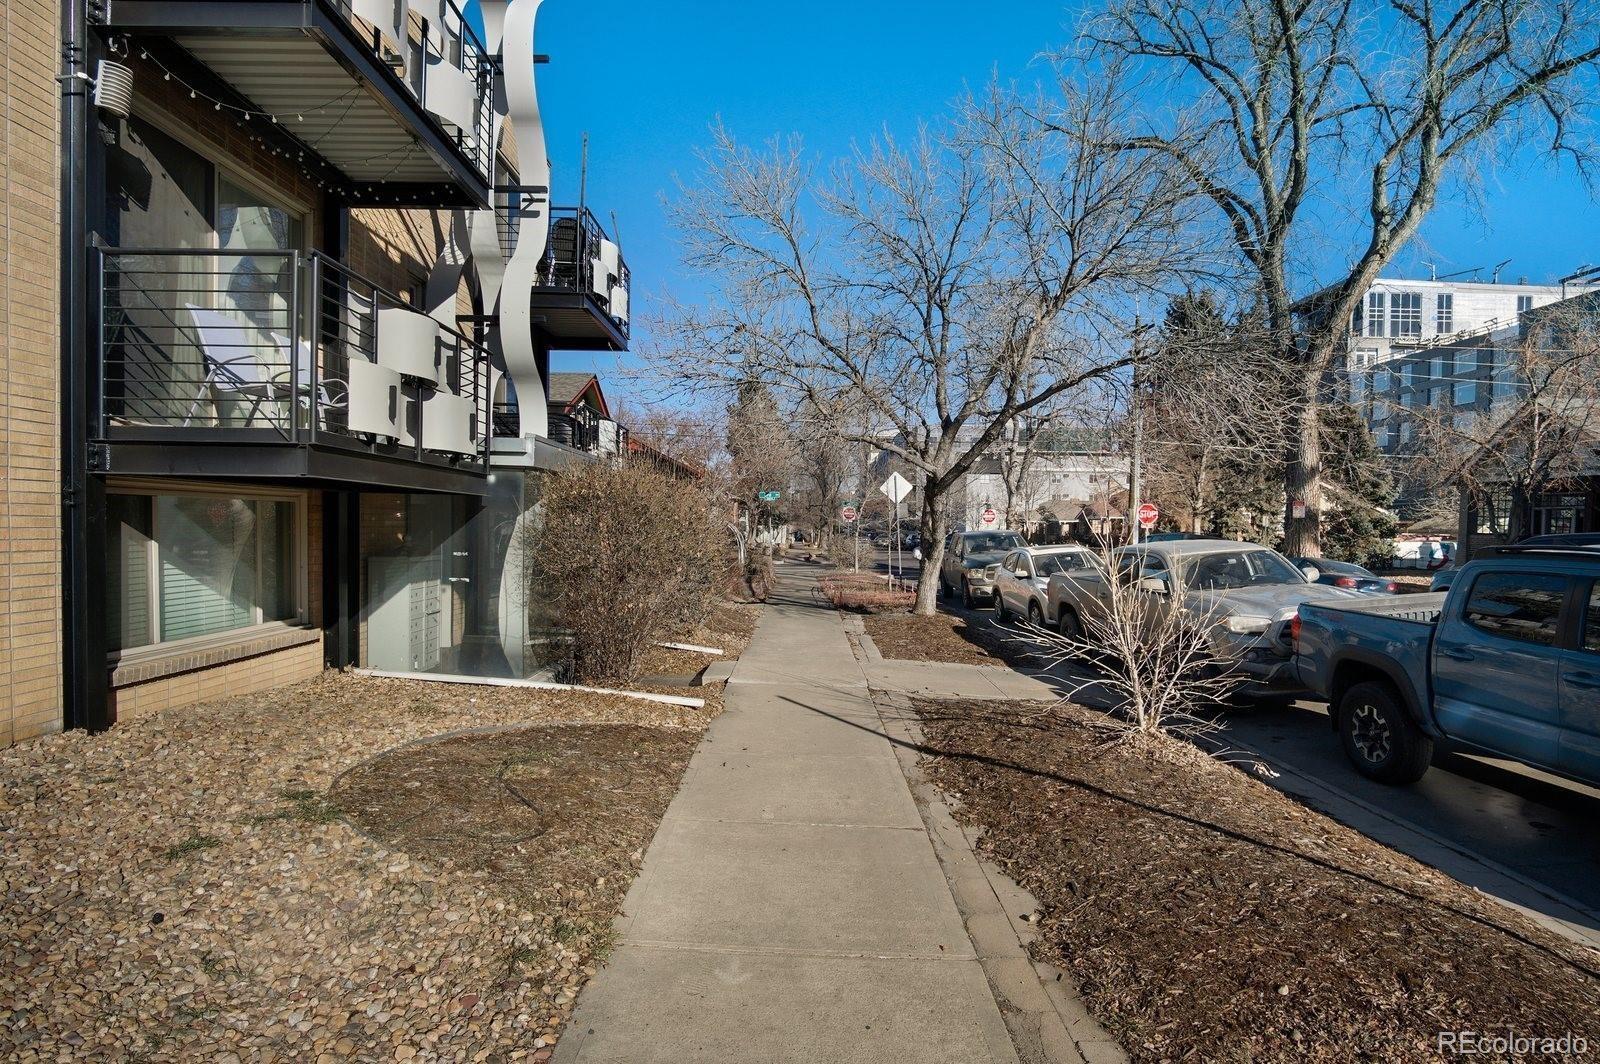 MLS# 4202463 - 18 - 271 N Grant Street #101, Denver, CO 80203